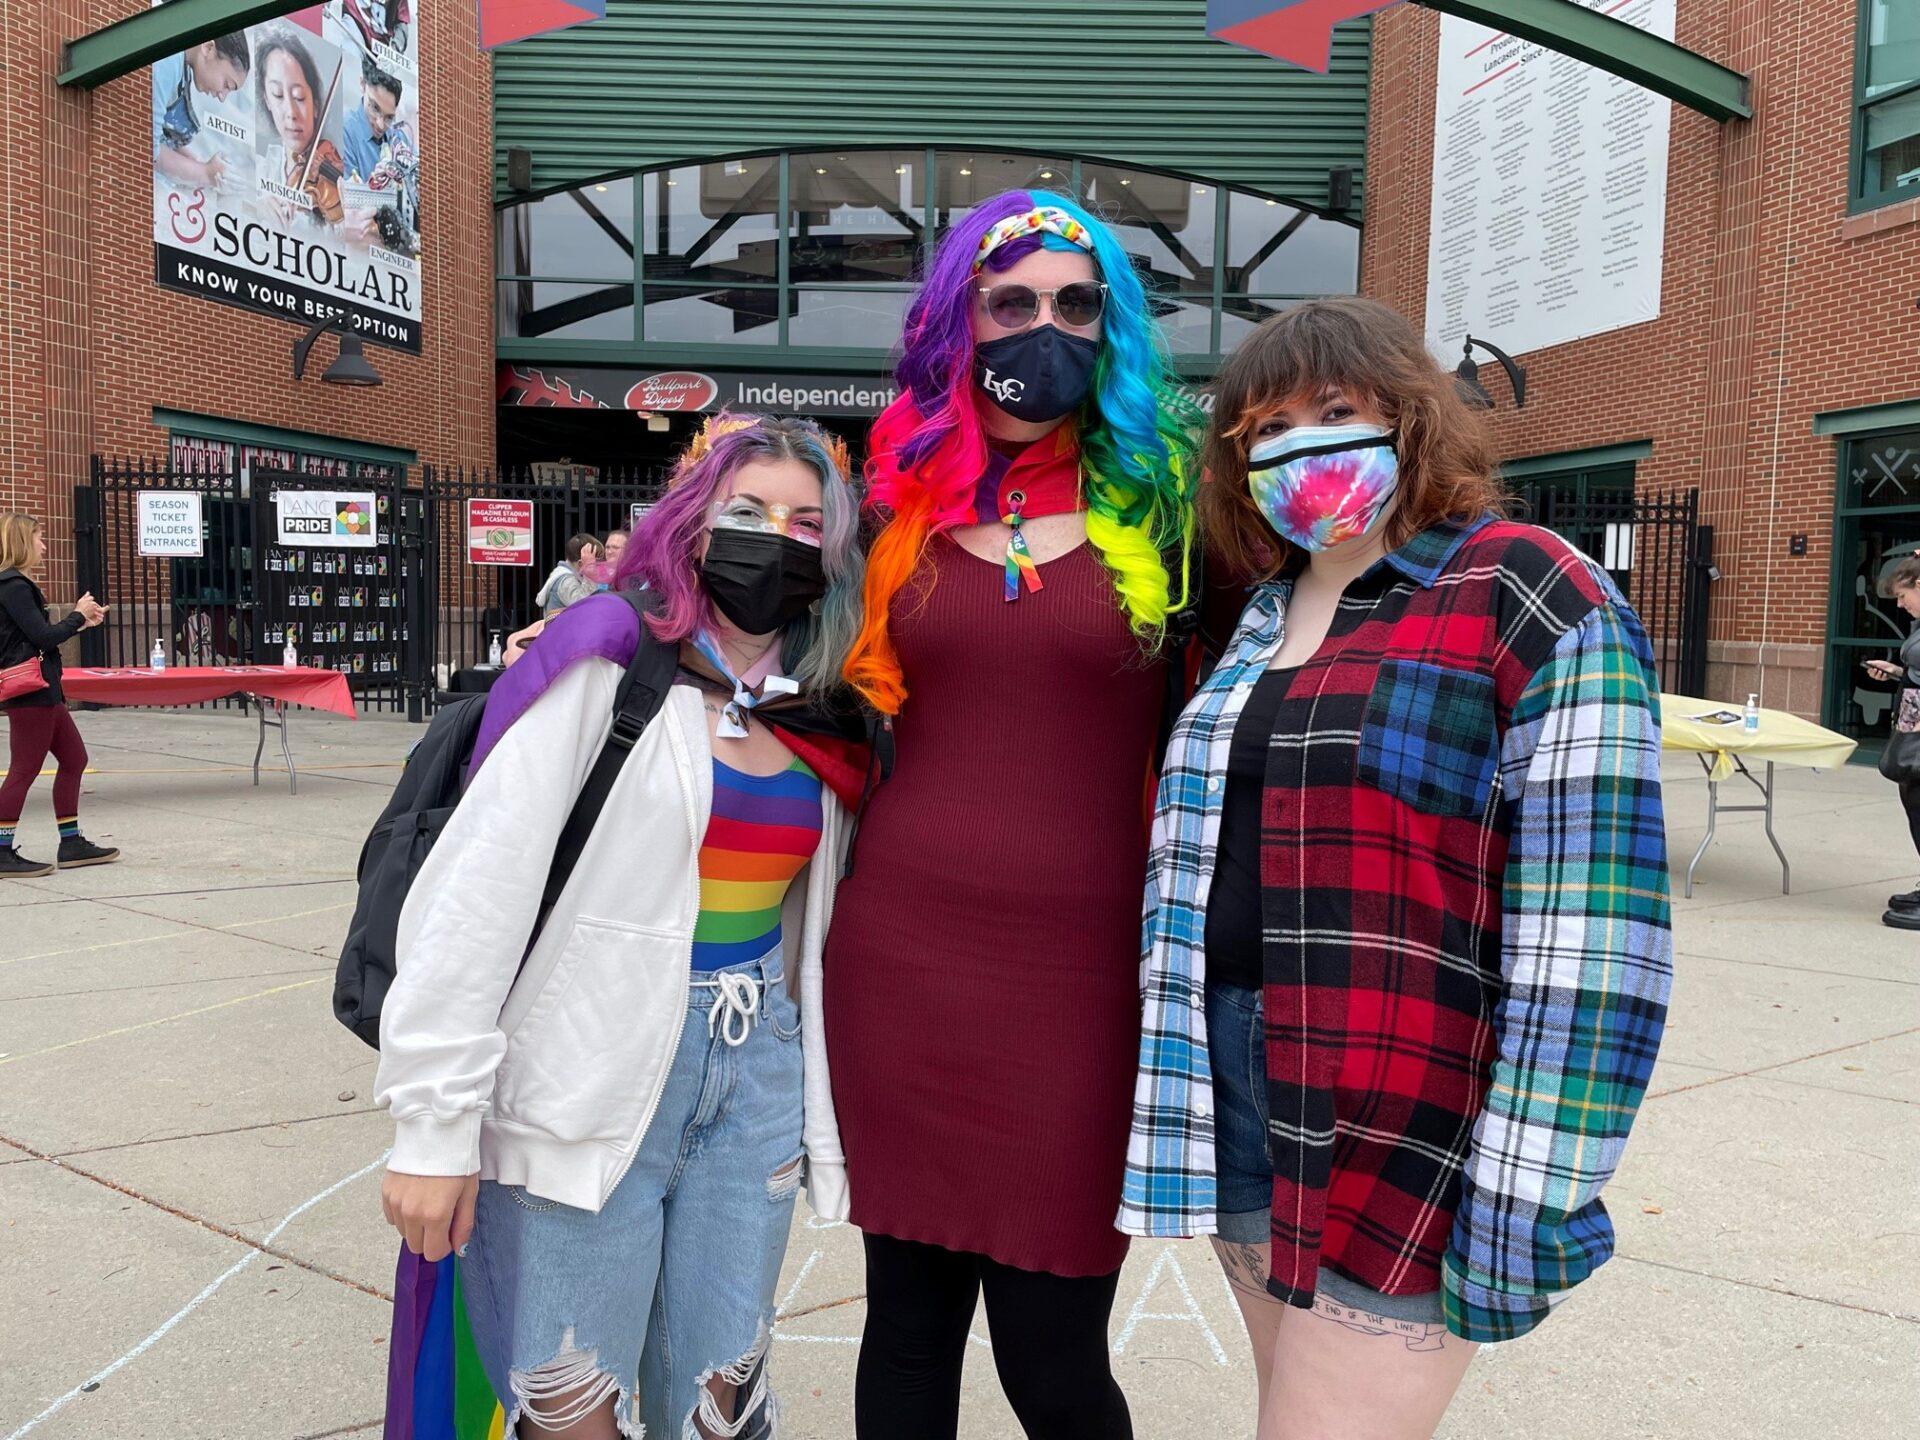 Pride celebrates LGBTQ+ community in Lancaster (video)